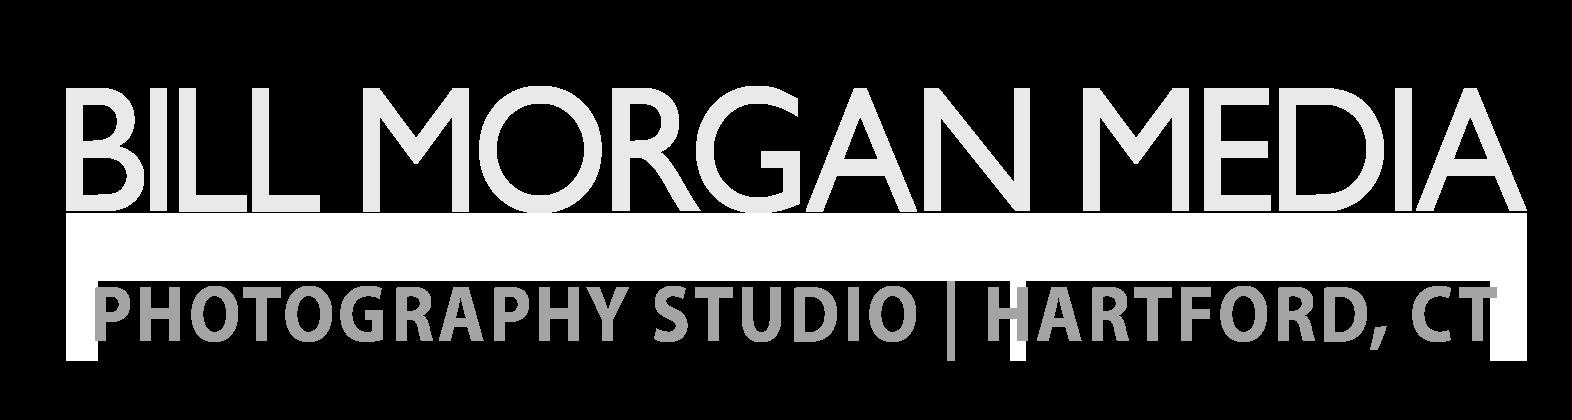 Bill Morgan Media